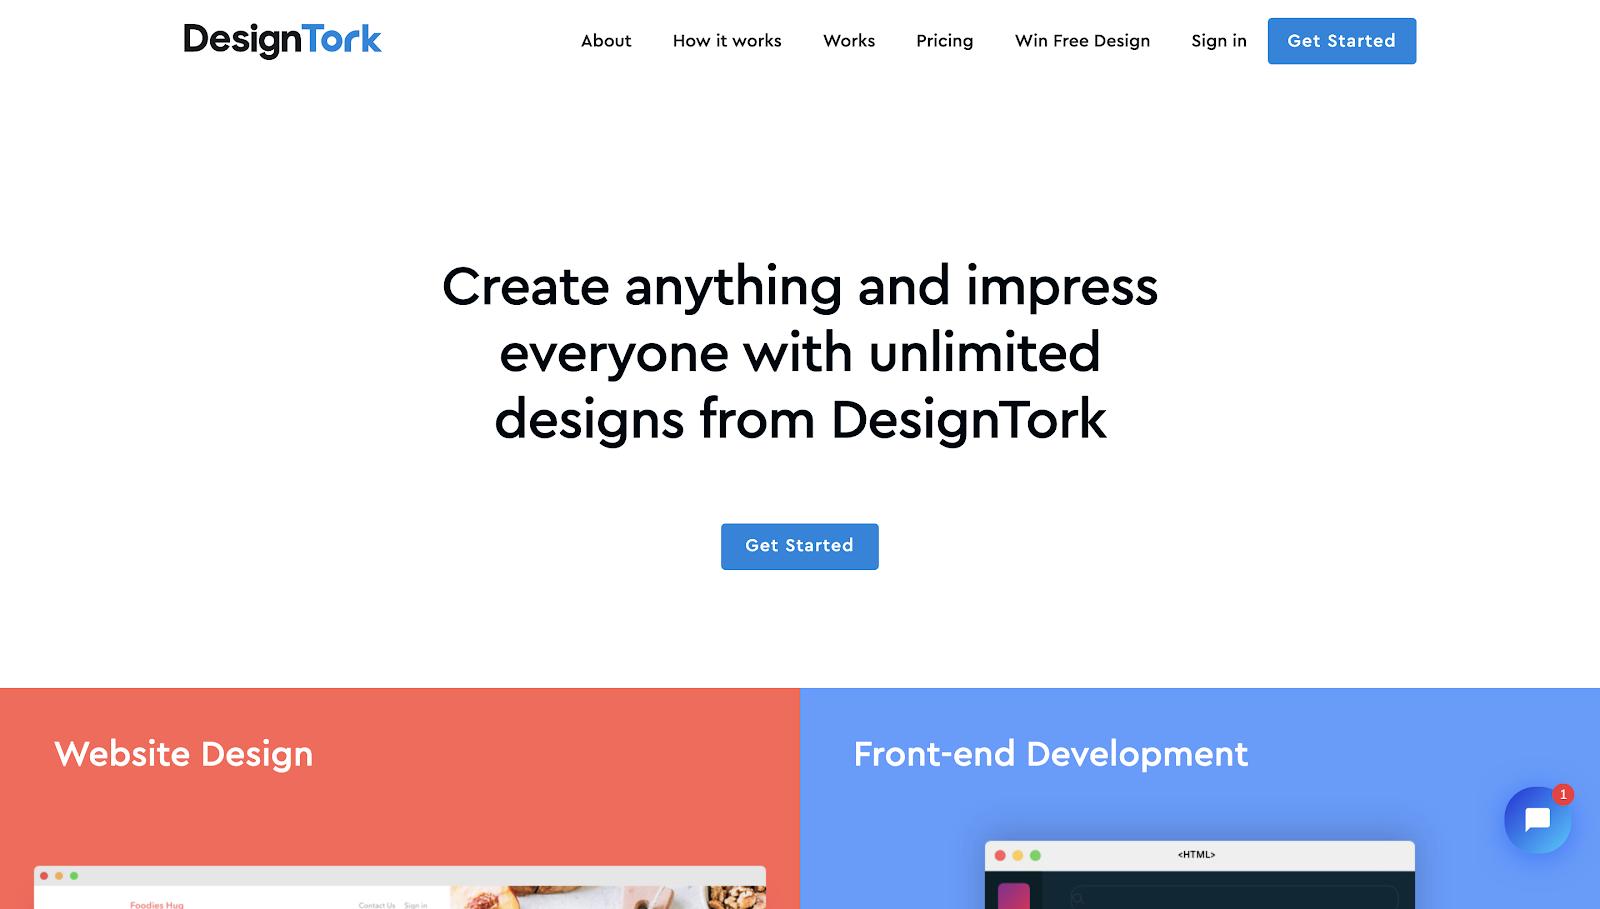 DesignTork